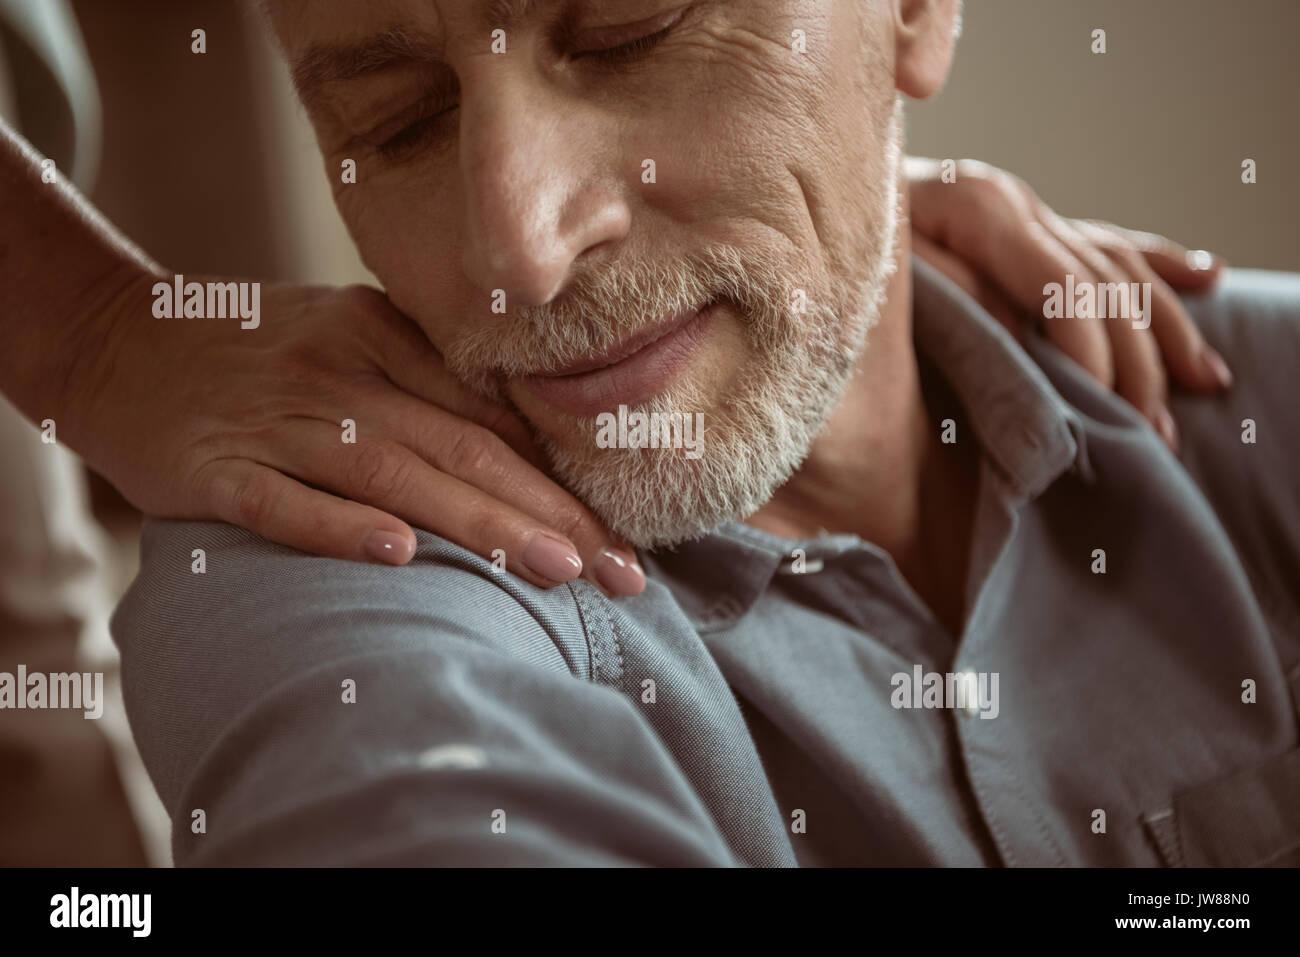 Tierna esposa puso las manos sobre los hombros de su marido con los ojos cerrados Imagen De Stock